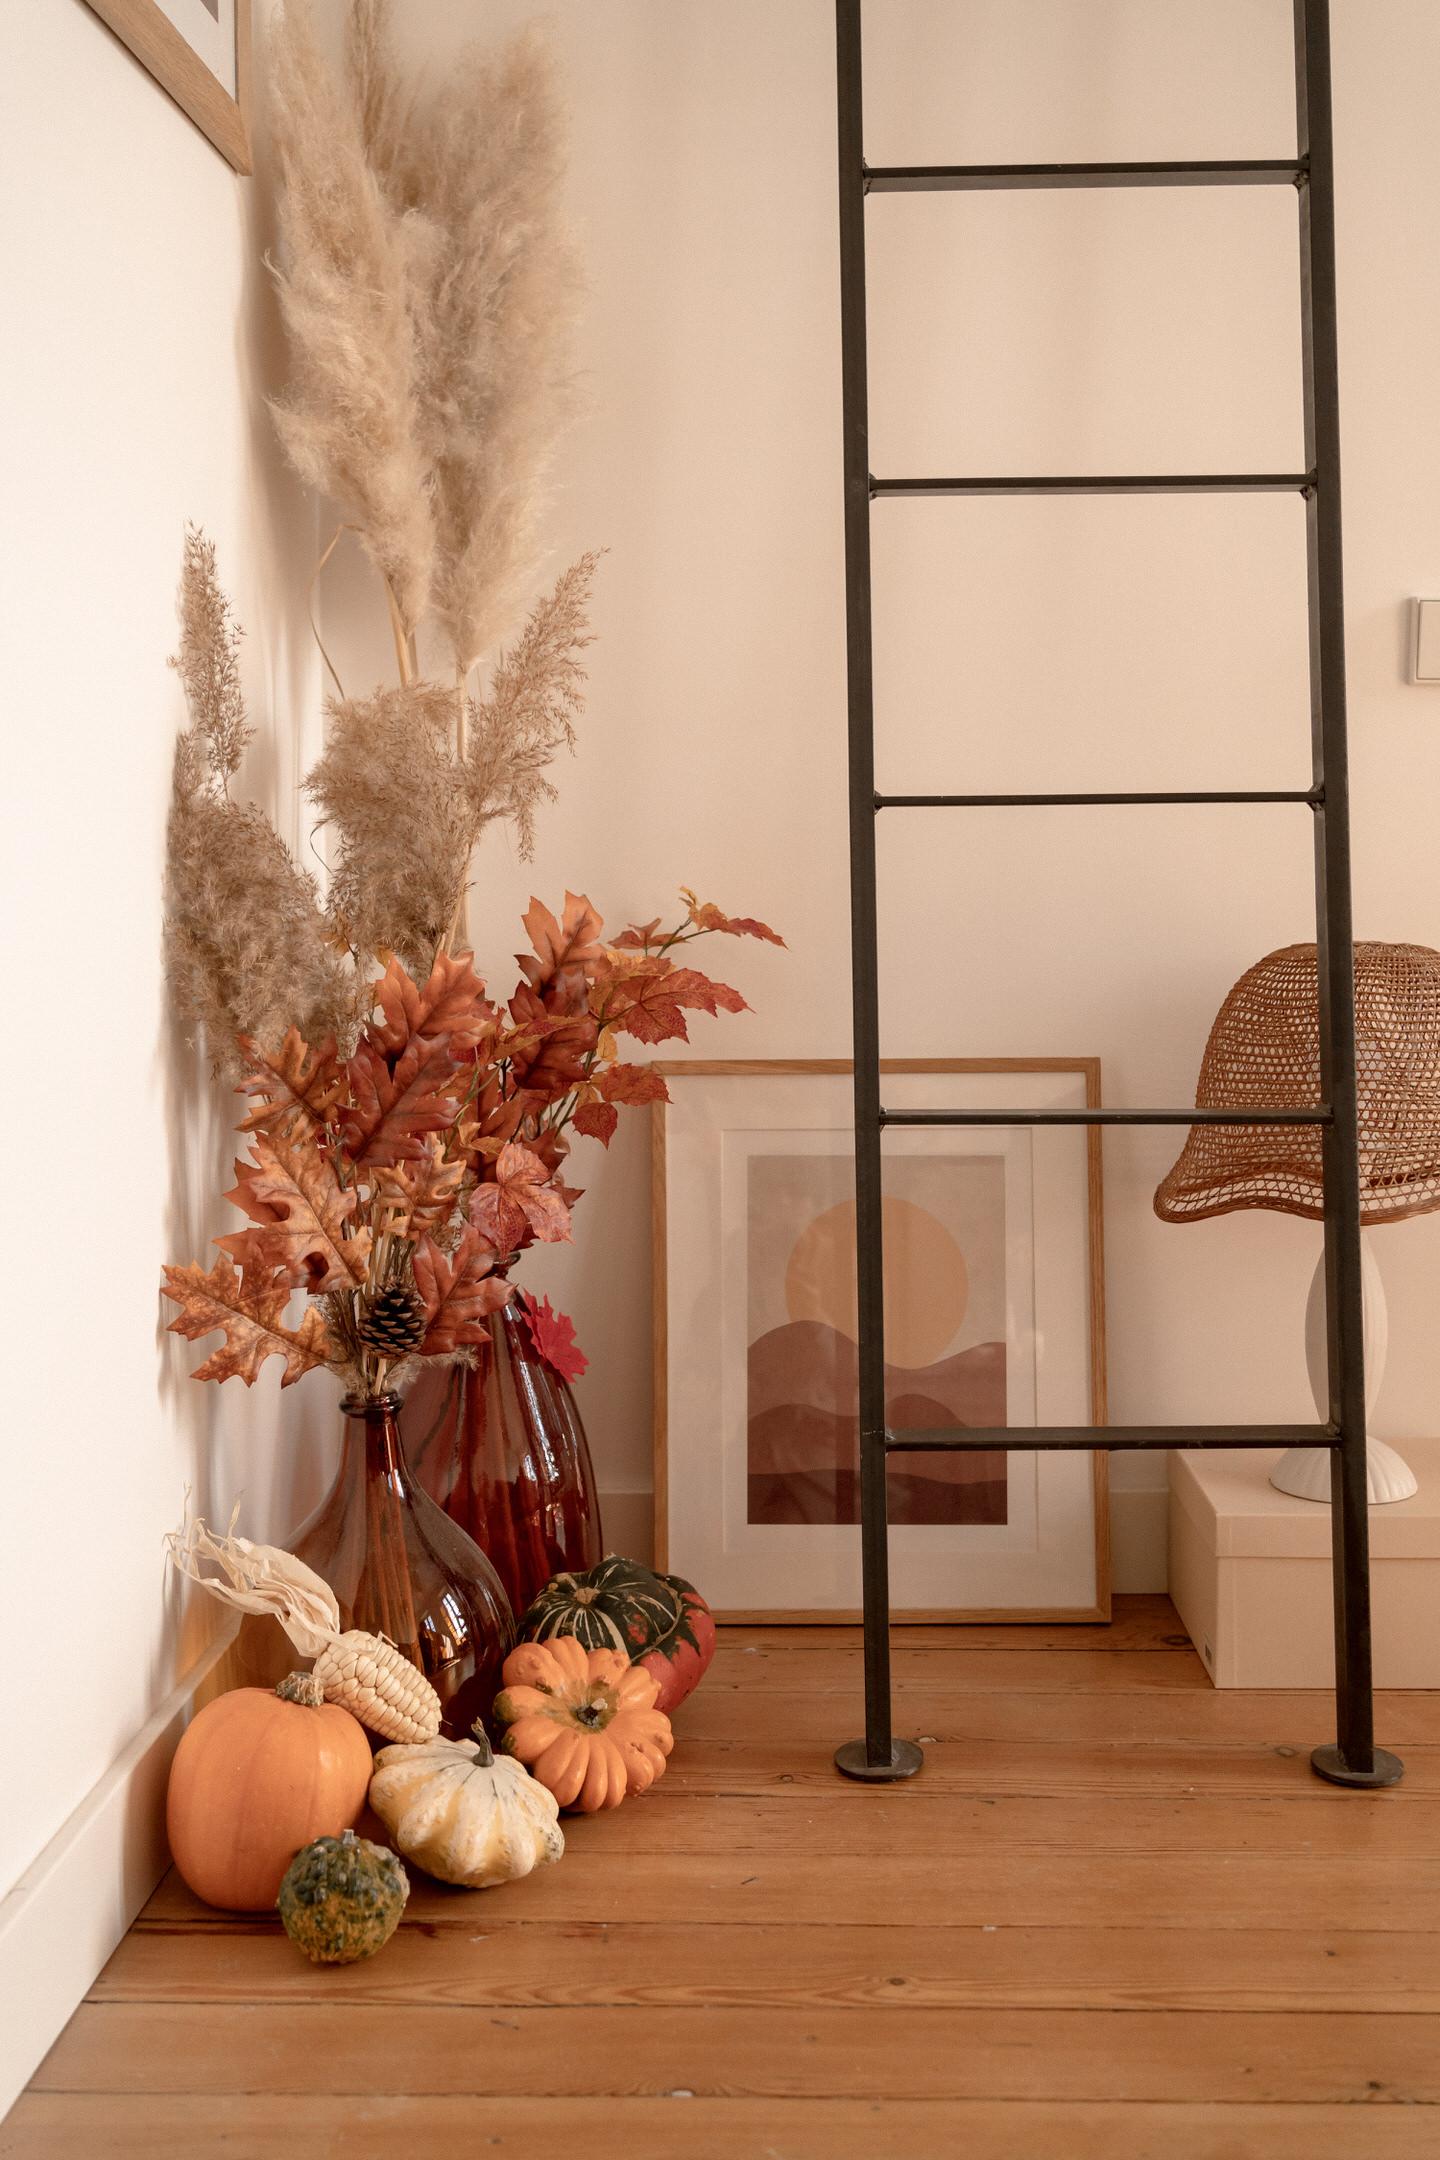 comment-decorer-interieur-automne-5